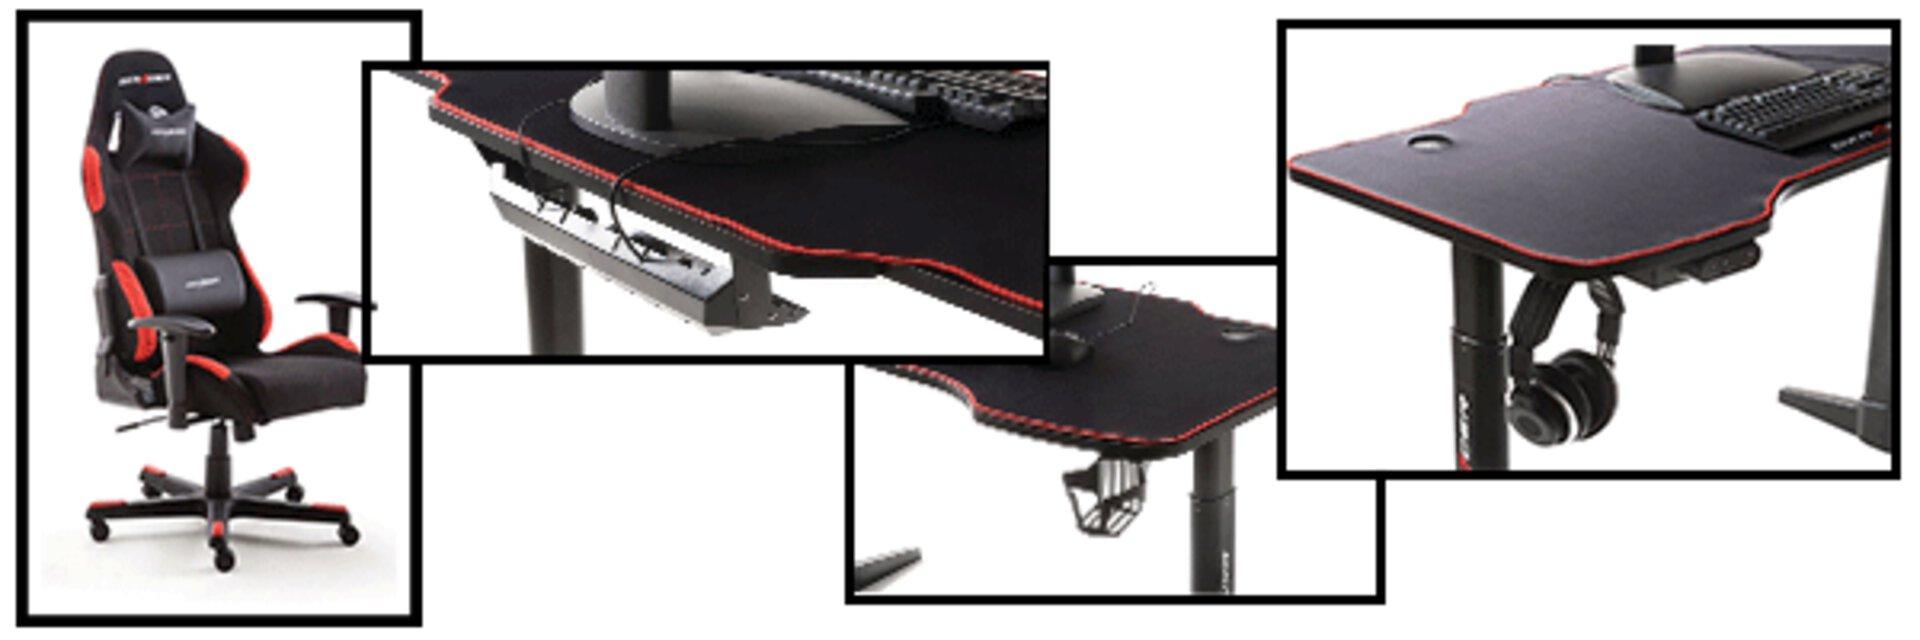 Die perfekte Kombination aus Komfort, Features und Style mit den Gaming Möbeln von Möbel Inhofer